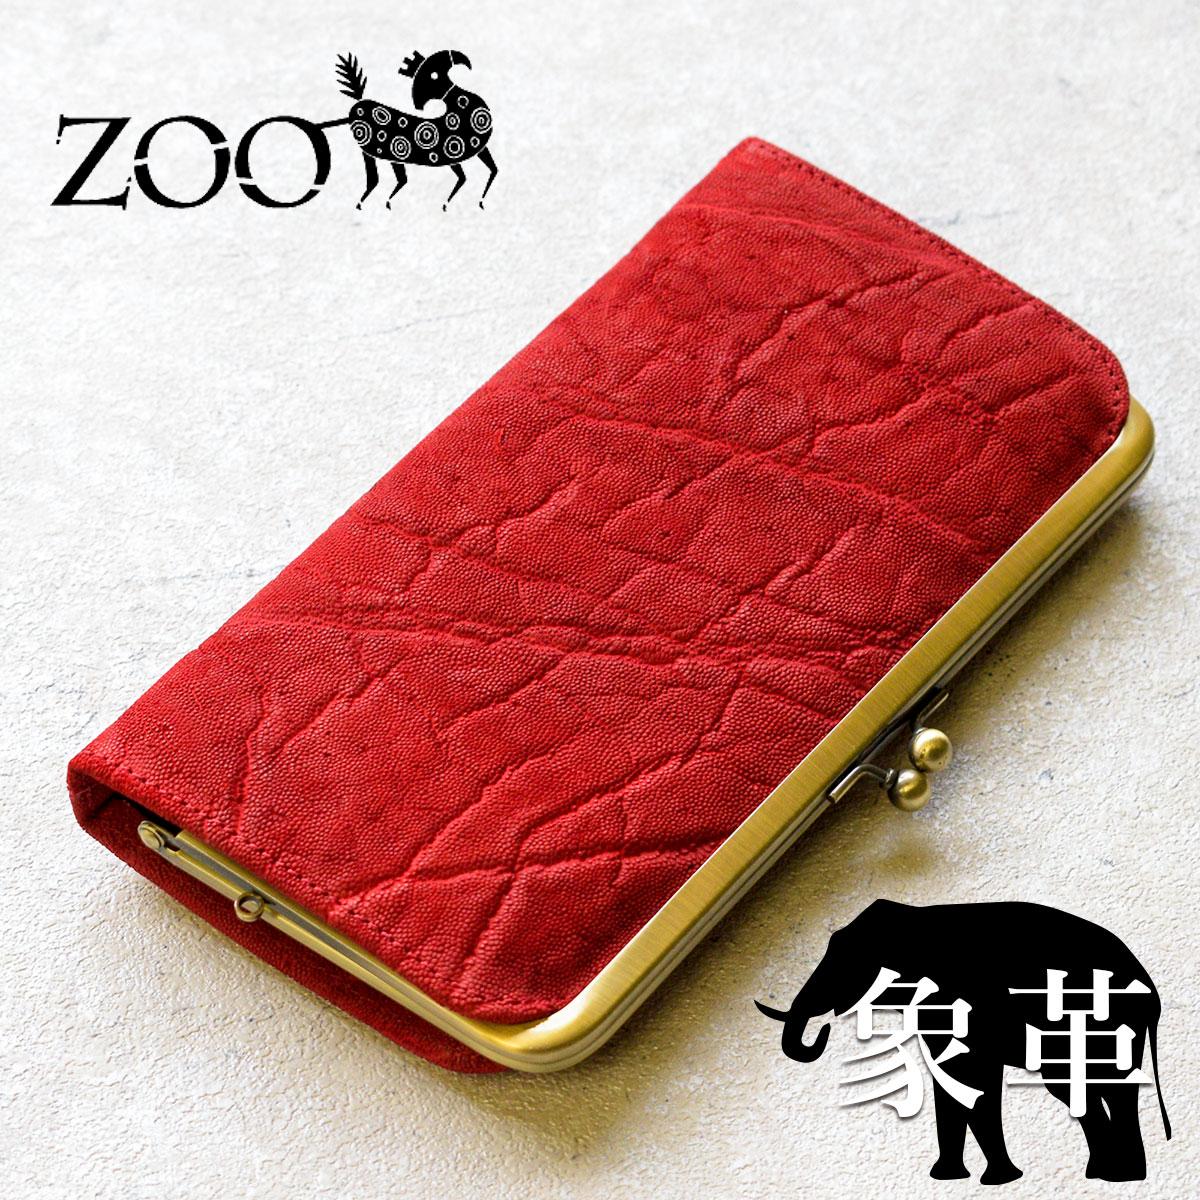 【メッセージカード・ラッピング無料】ZOO(ズー) エレファントレザー 象革 メンズ がま口長財布 zlw-100 レッド